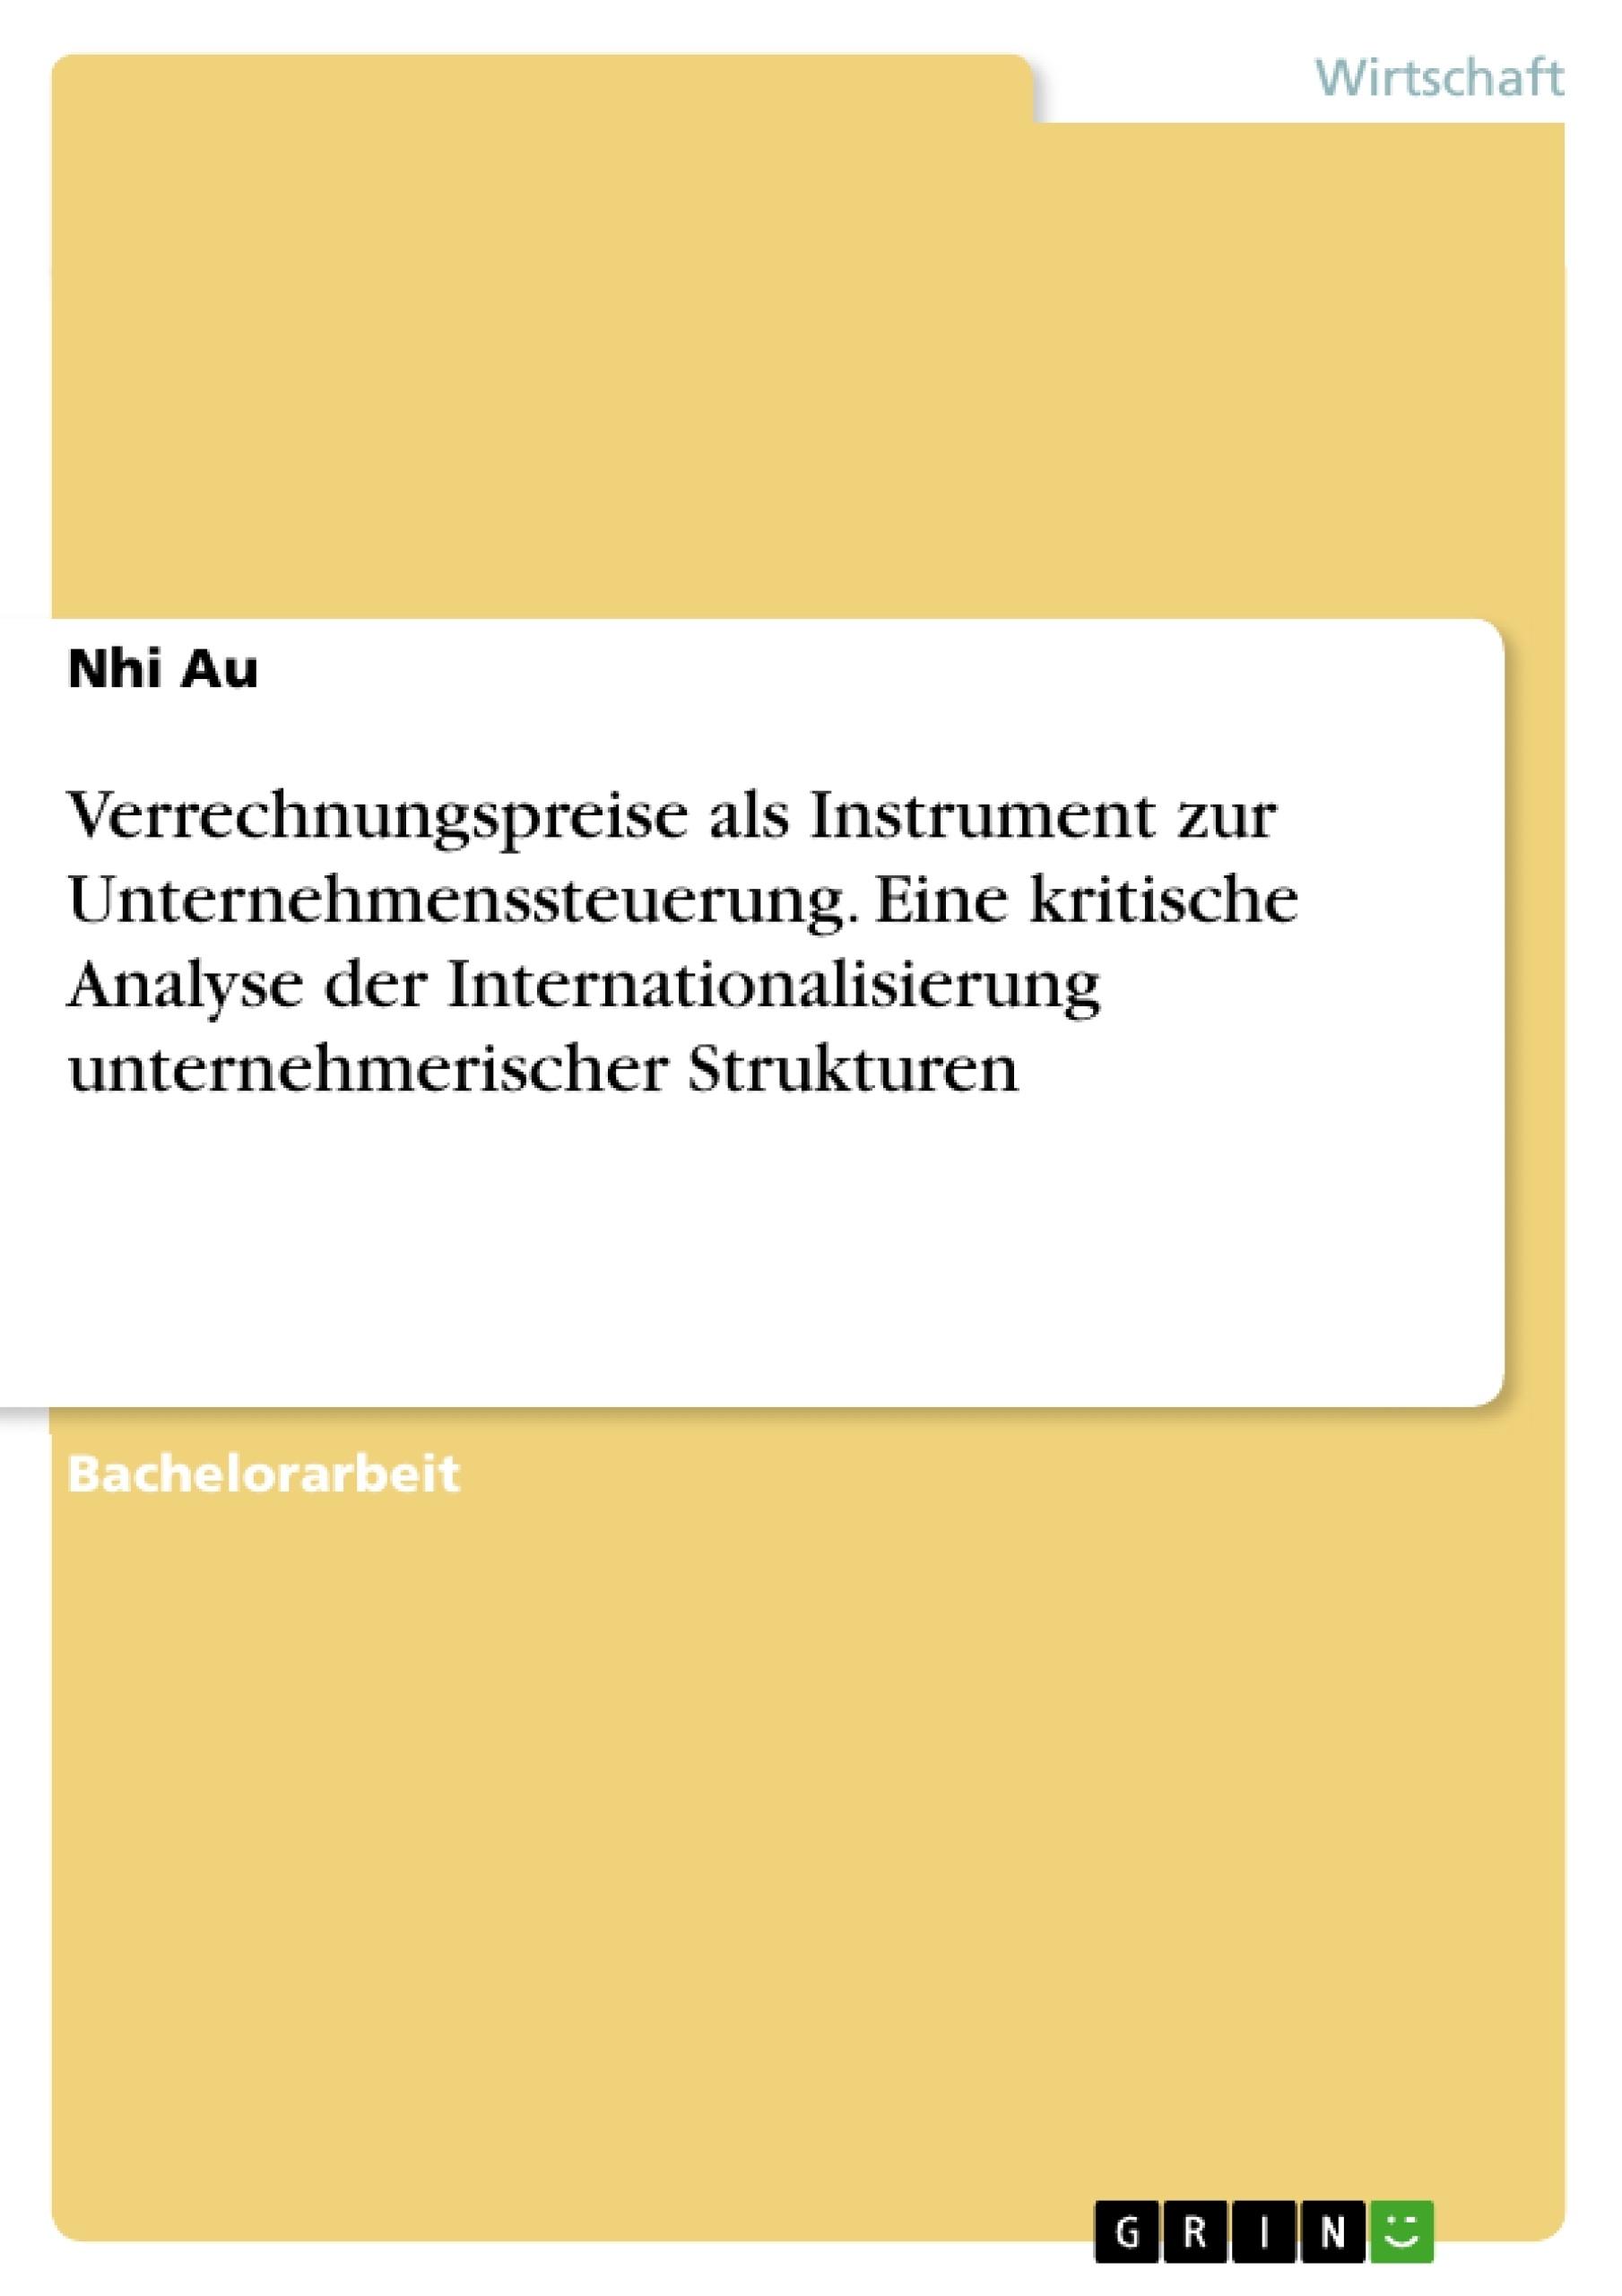 Titel: Verrechnungspreise als Instrument zur Unternehmenssteuerung. Eine kritische Analyse der Internationalisierung unternehmerischer Strukturen